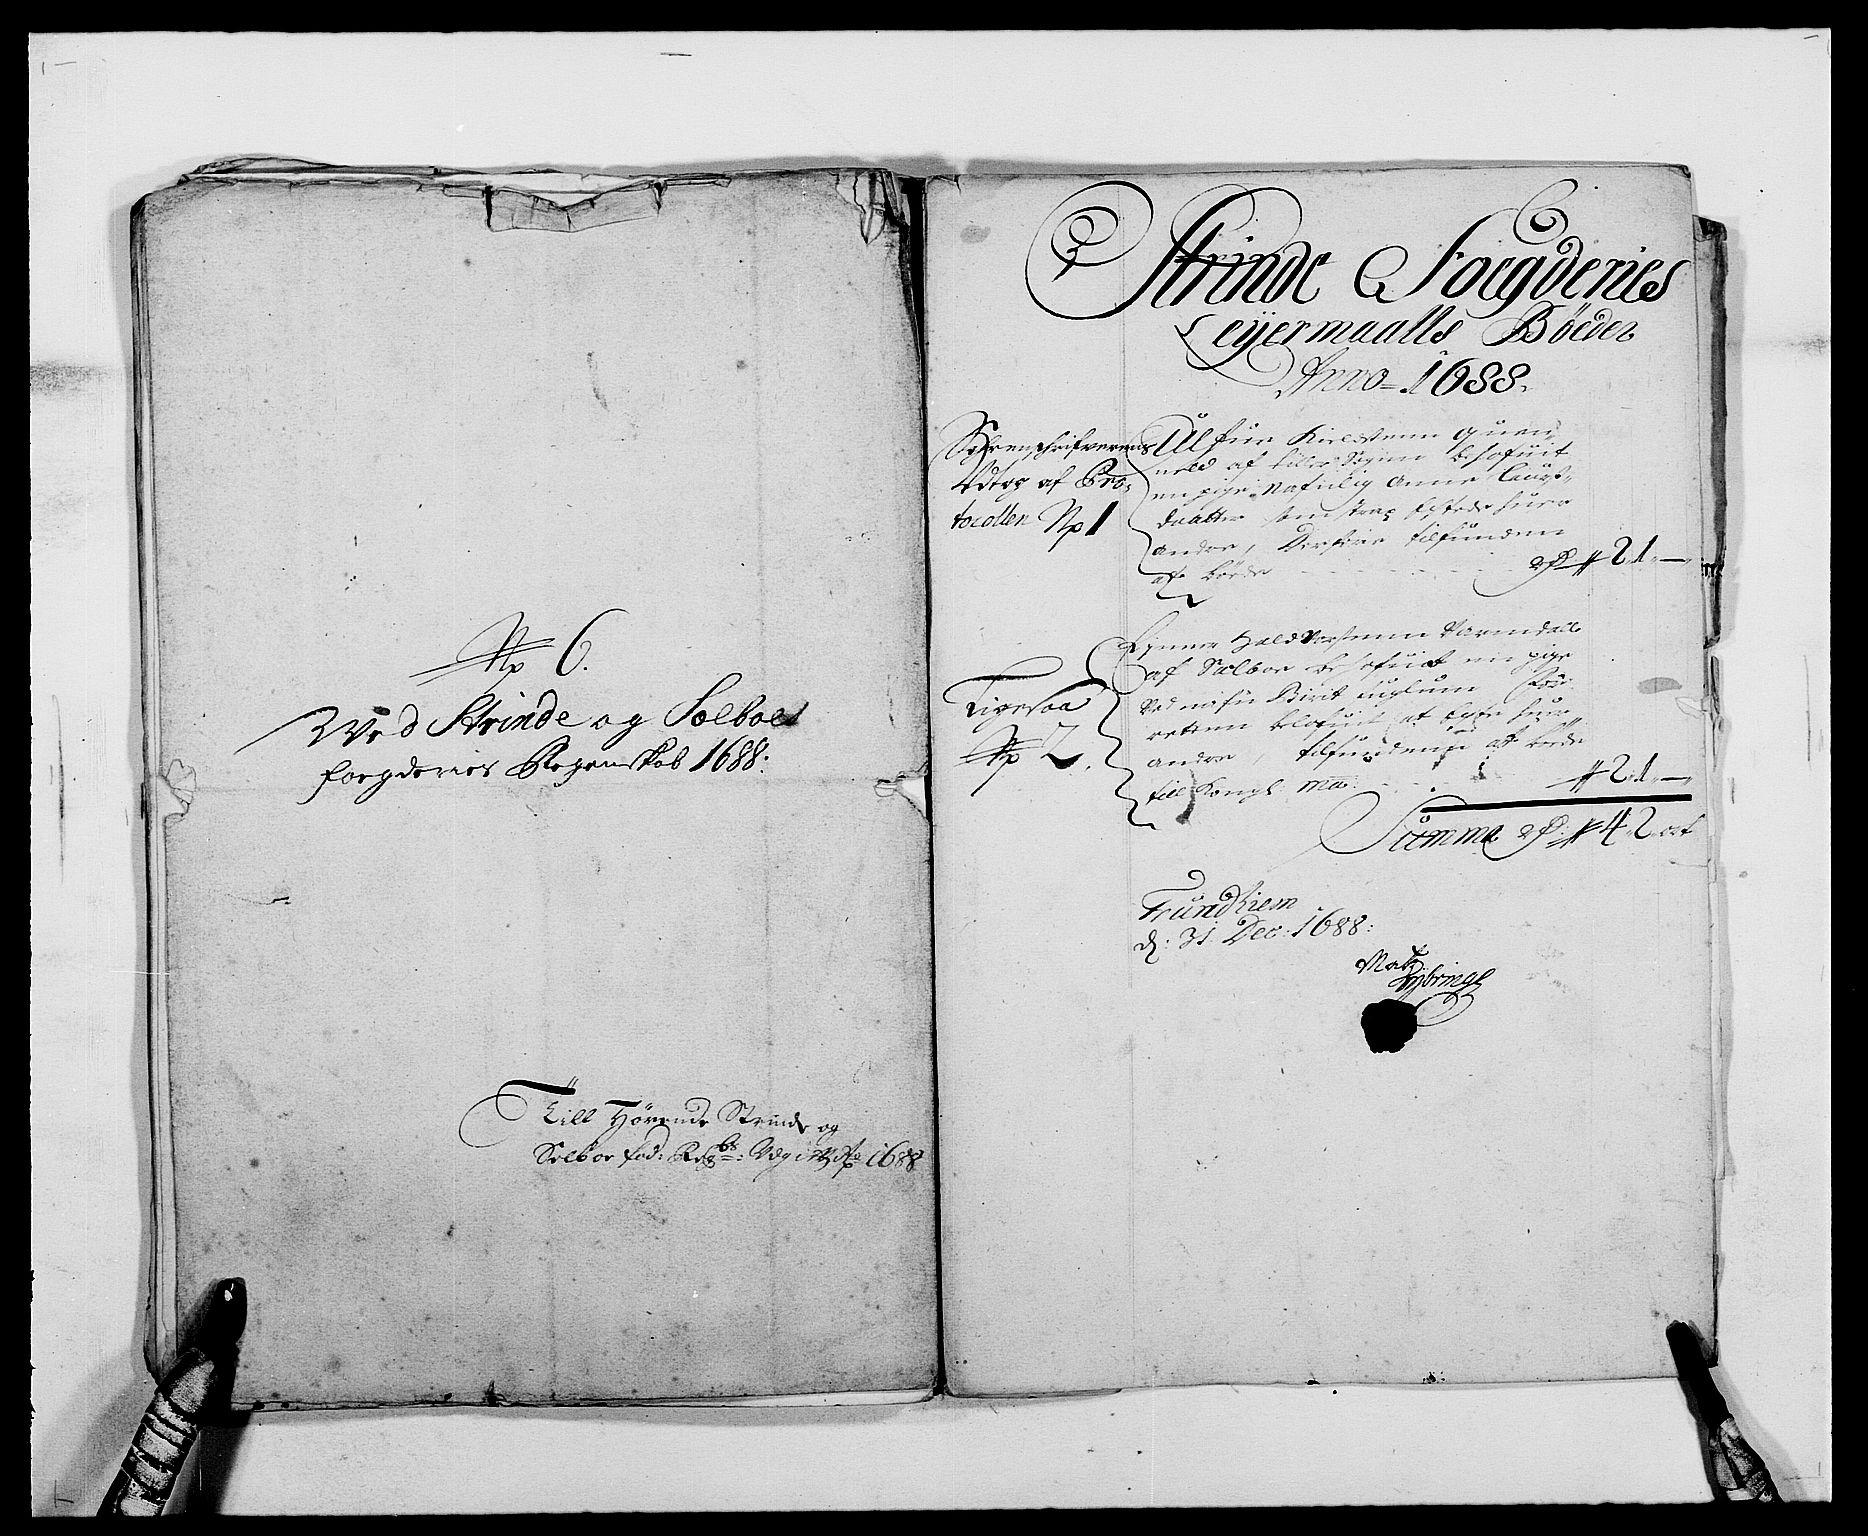 RA, Rentekammeret inntil 1814, Reviderte regnskaper, Fogderegnskap, R61/L4101: Fogderegnskap Strinda og Selbu, 1687-1688, s. 264